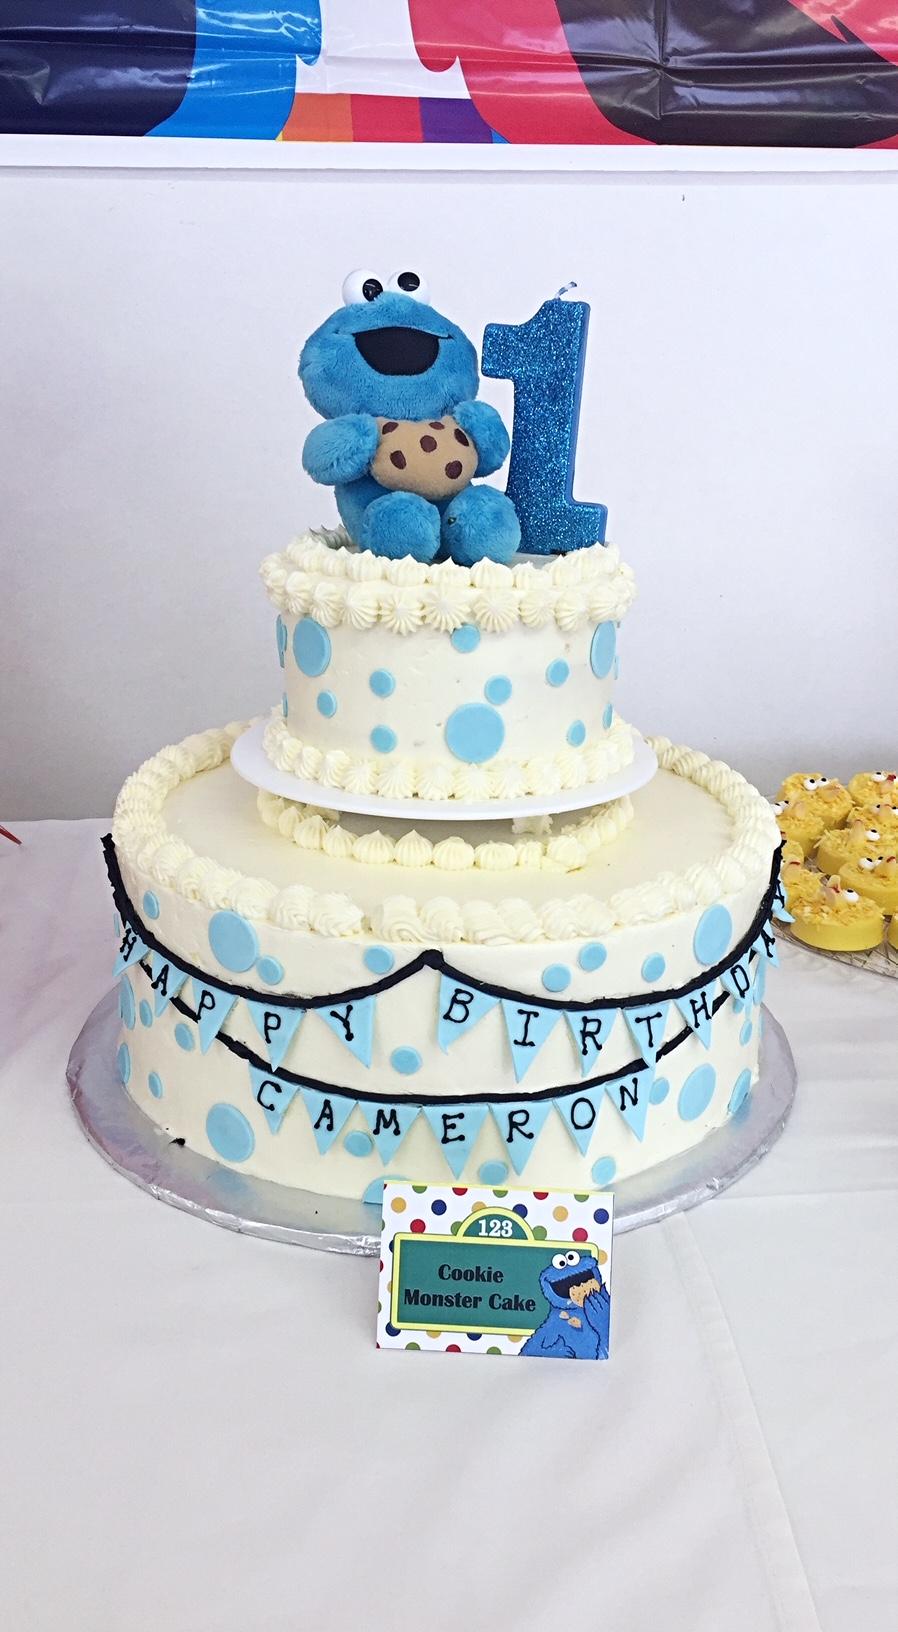 CookieMonsterCake.JPG